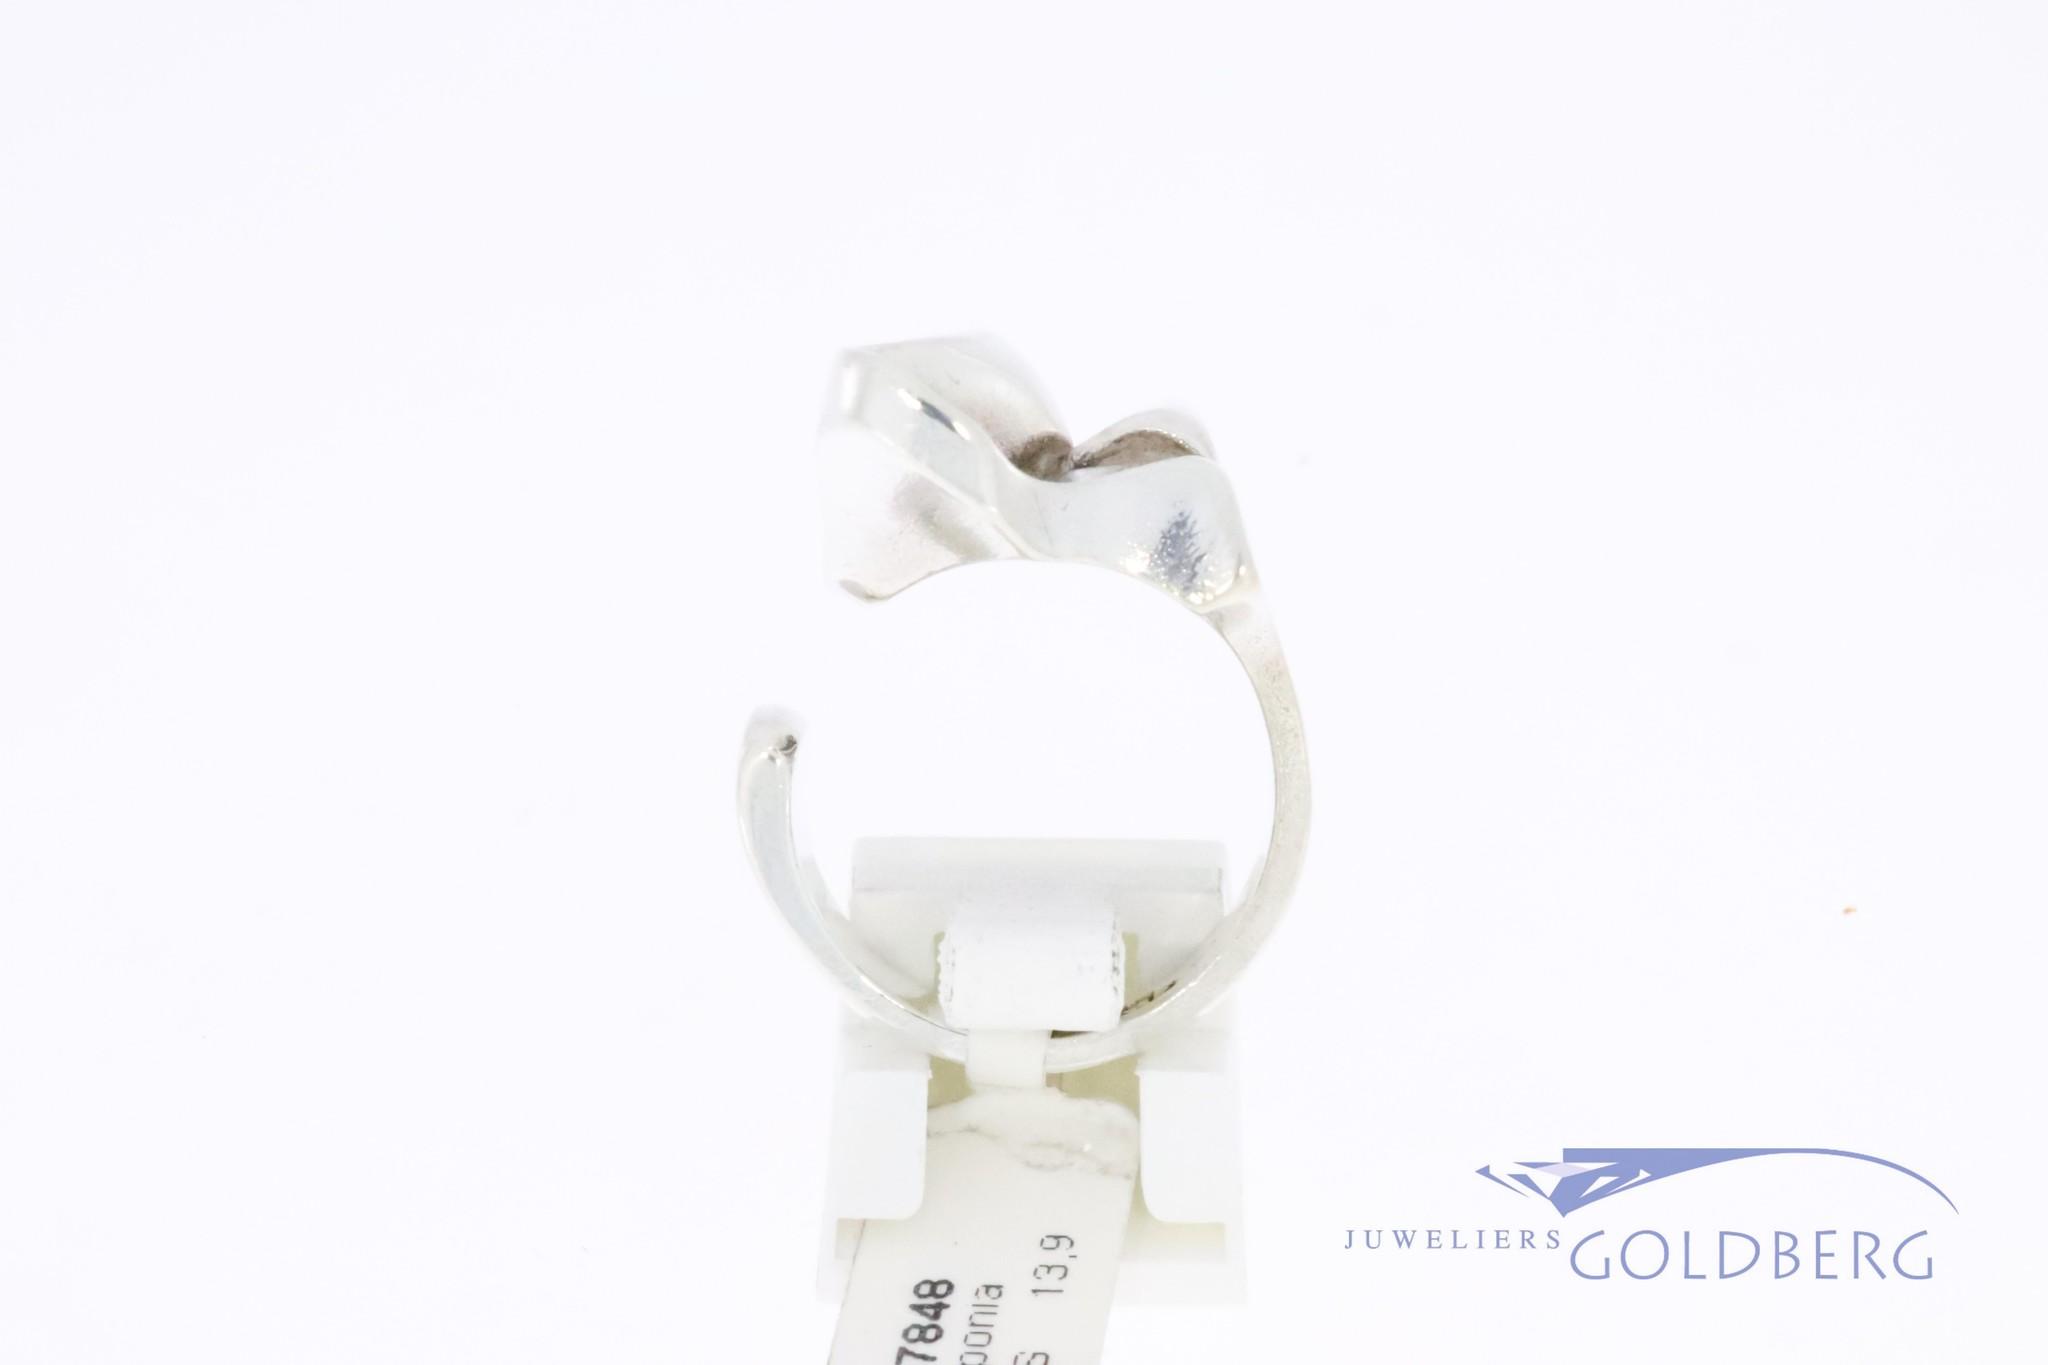 Vintage zilver modernistische Lapponia ring van Bjorn Weckstrom 1977